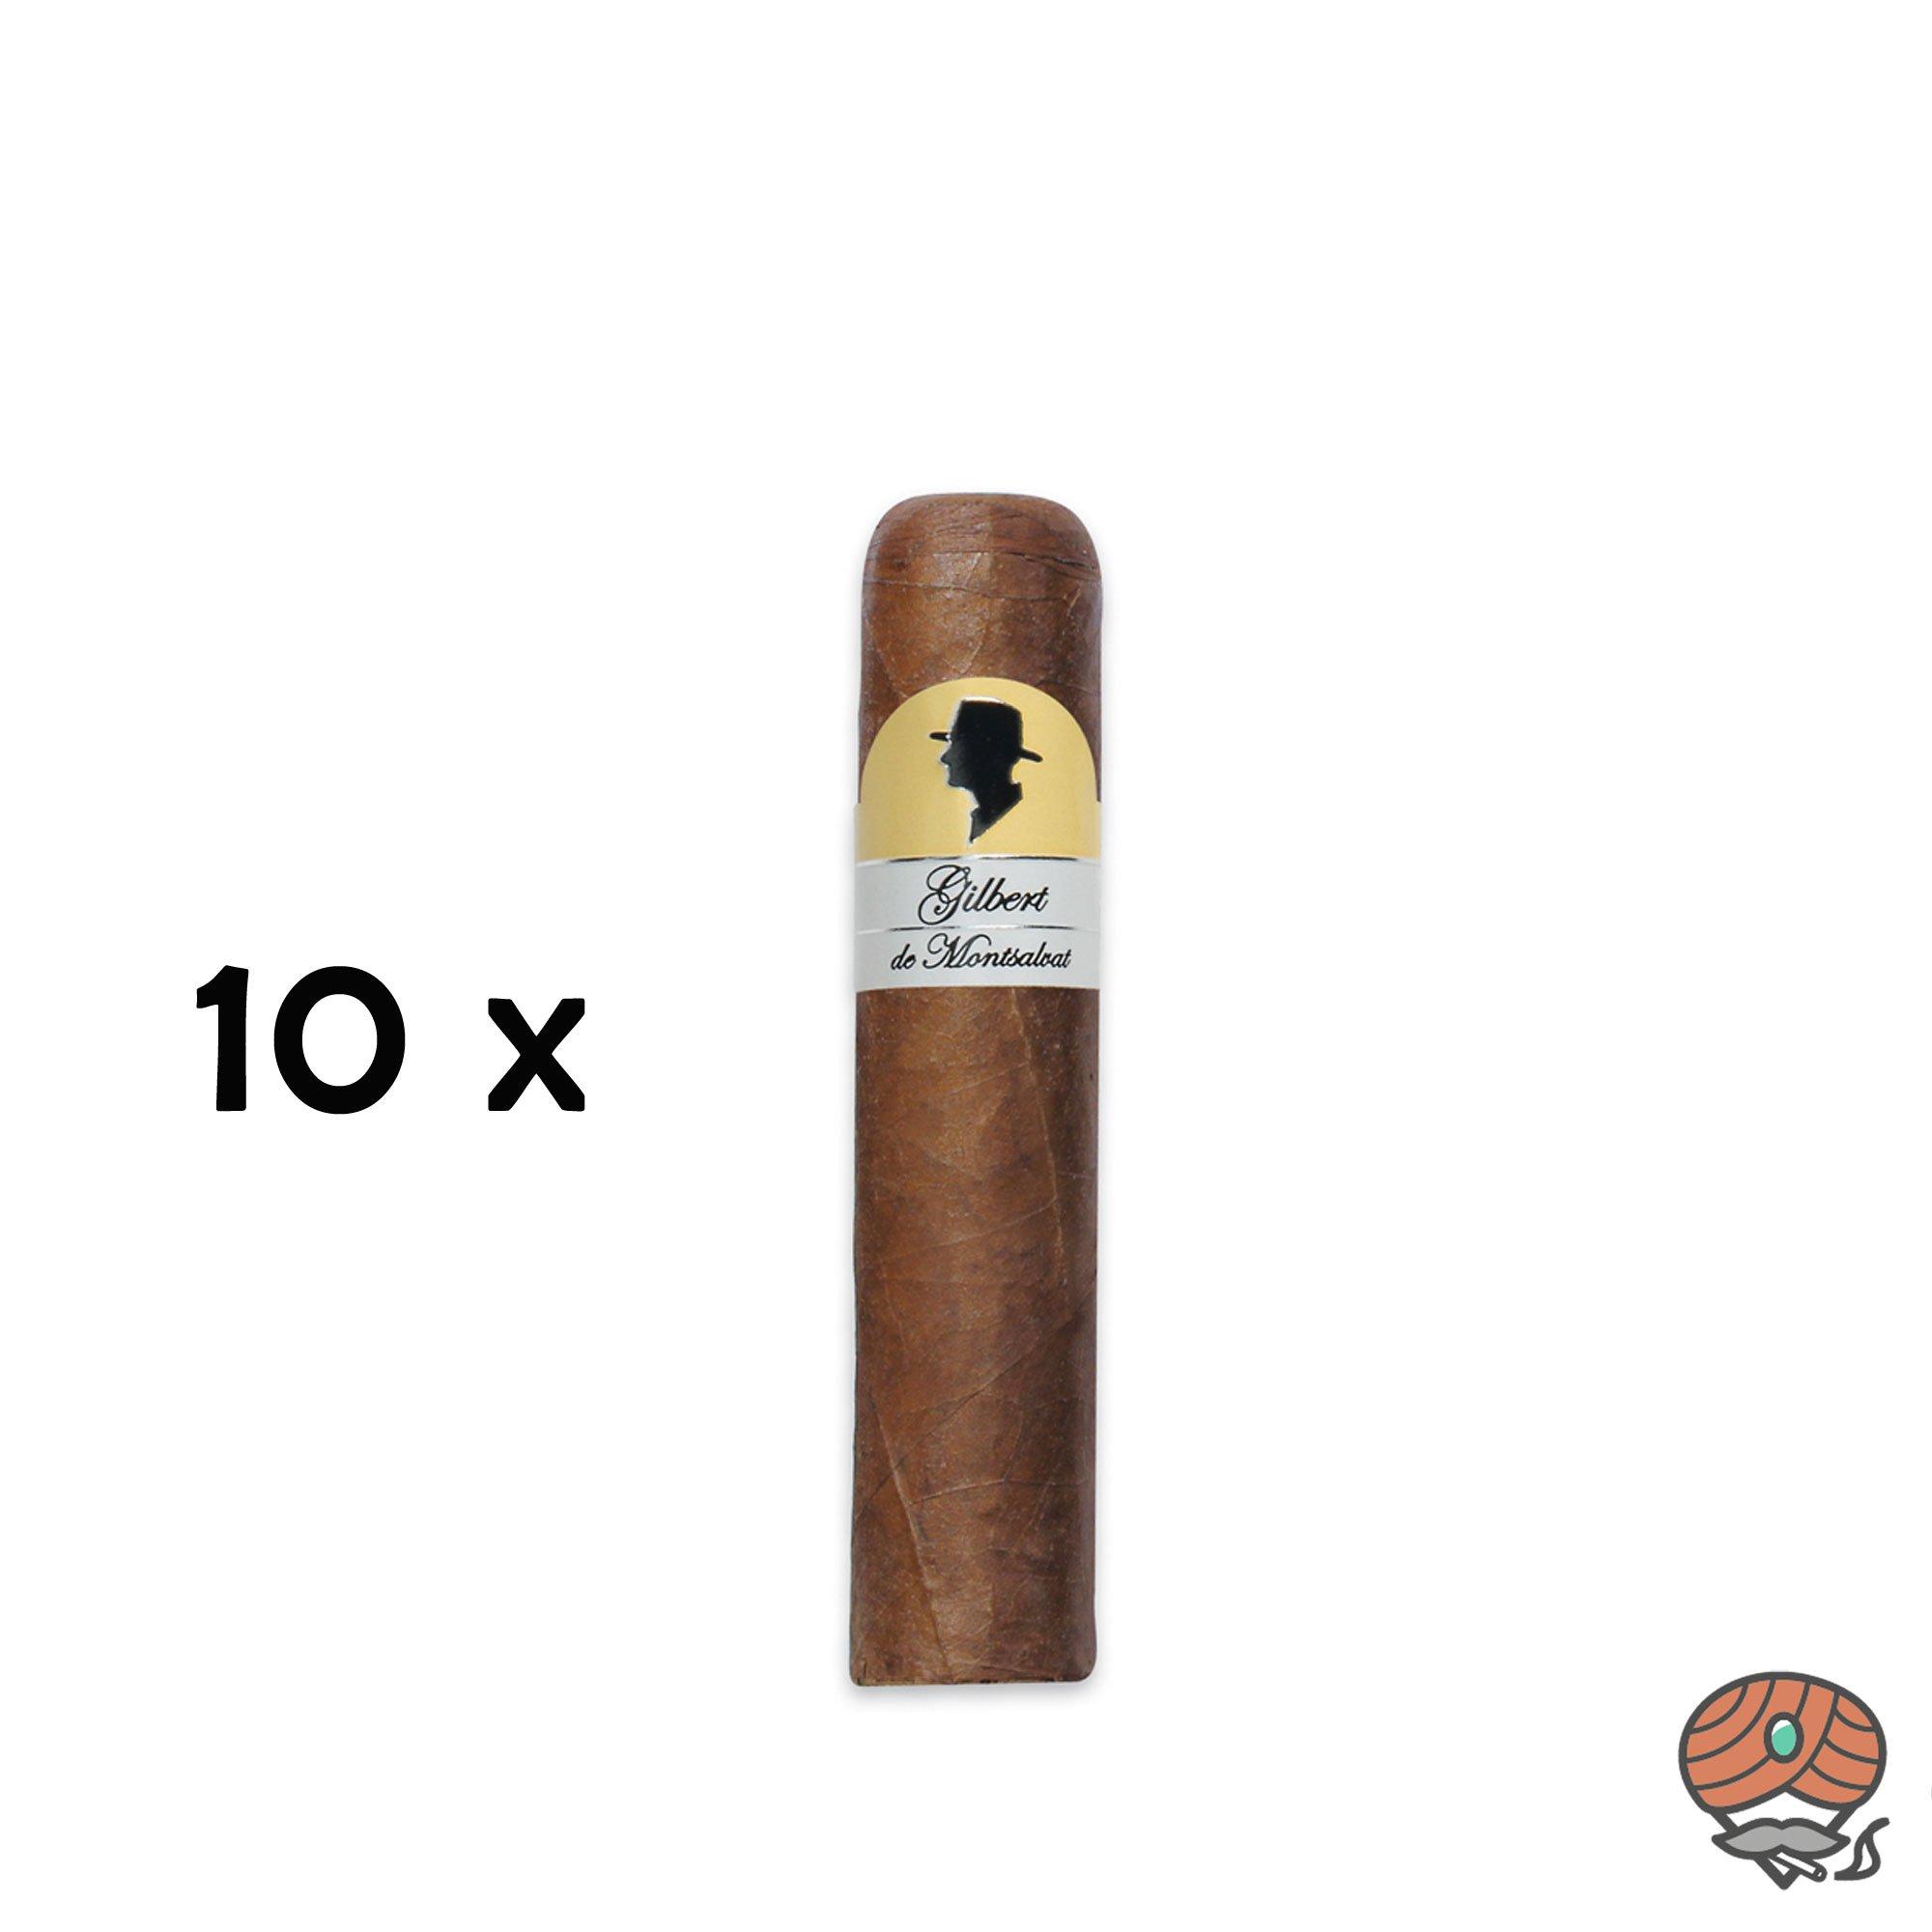 Gilbert de Montsalvat Gordito Zigarre Revolution Style 10er Kiste